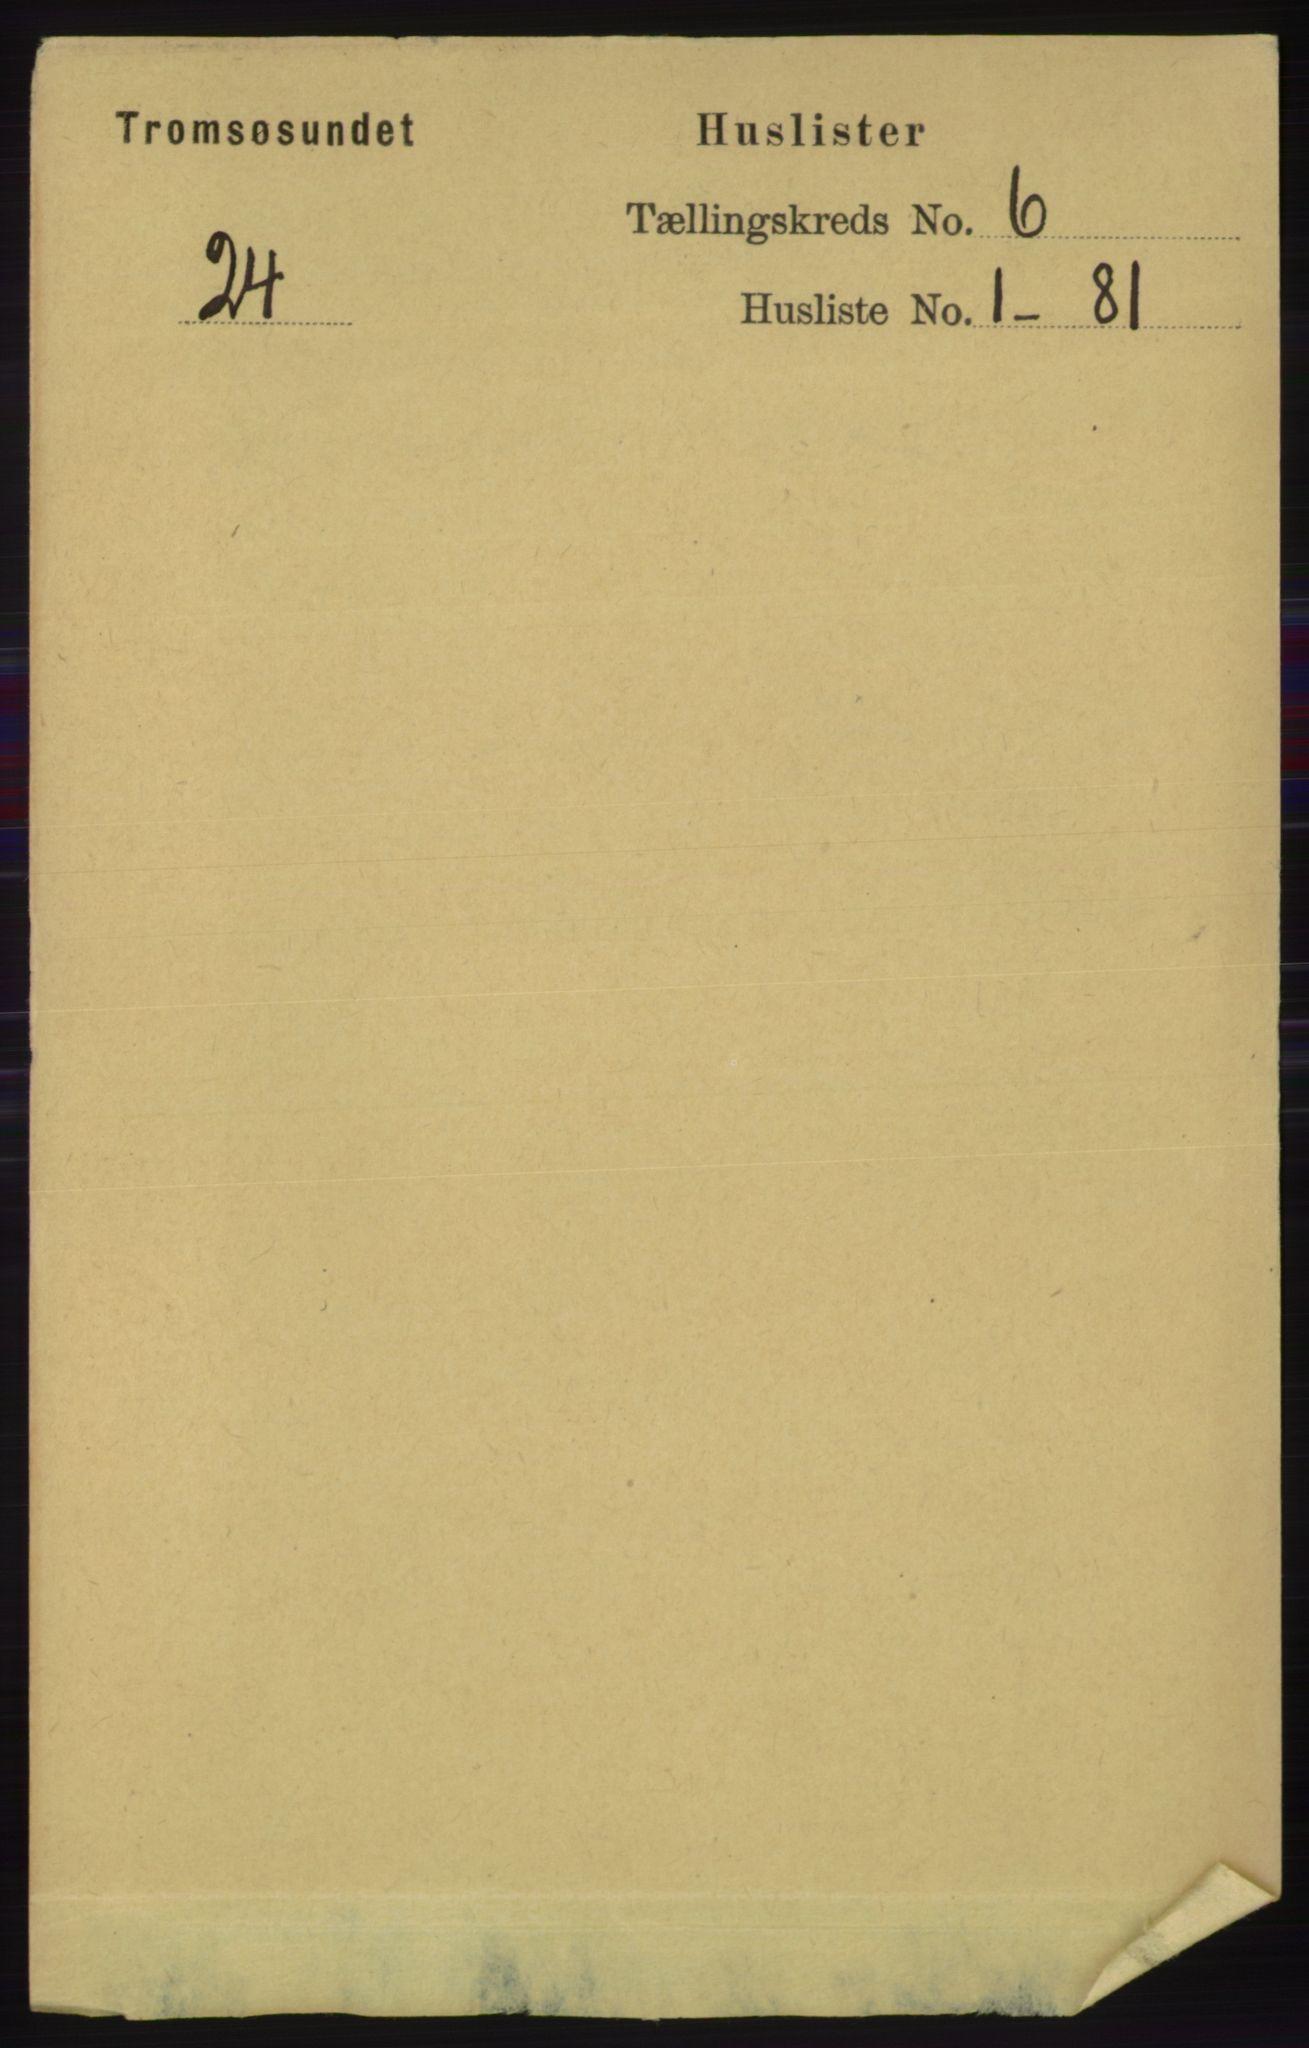 RA, Folketelling 1891 for 1934 Tromsøysund herred, 1891, s. 2915